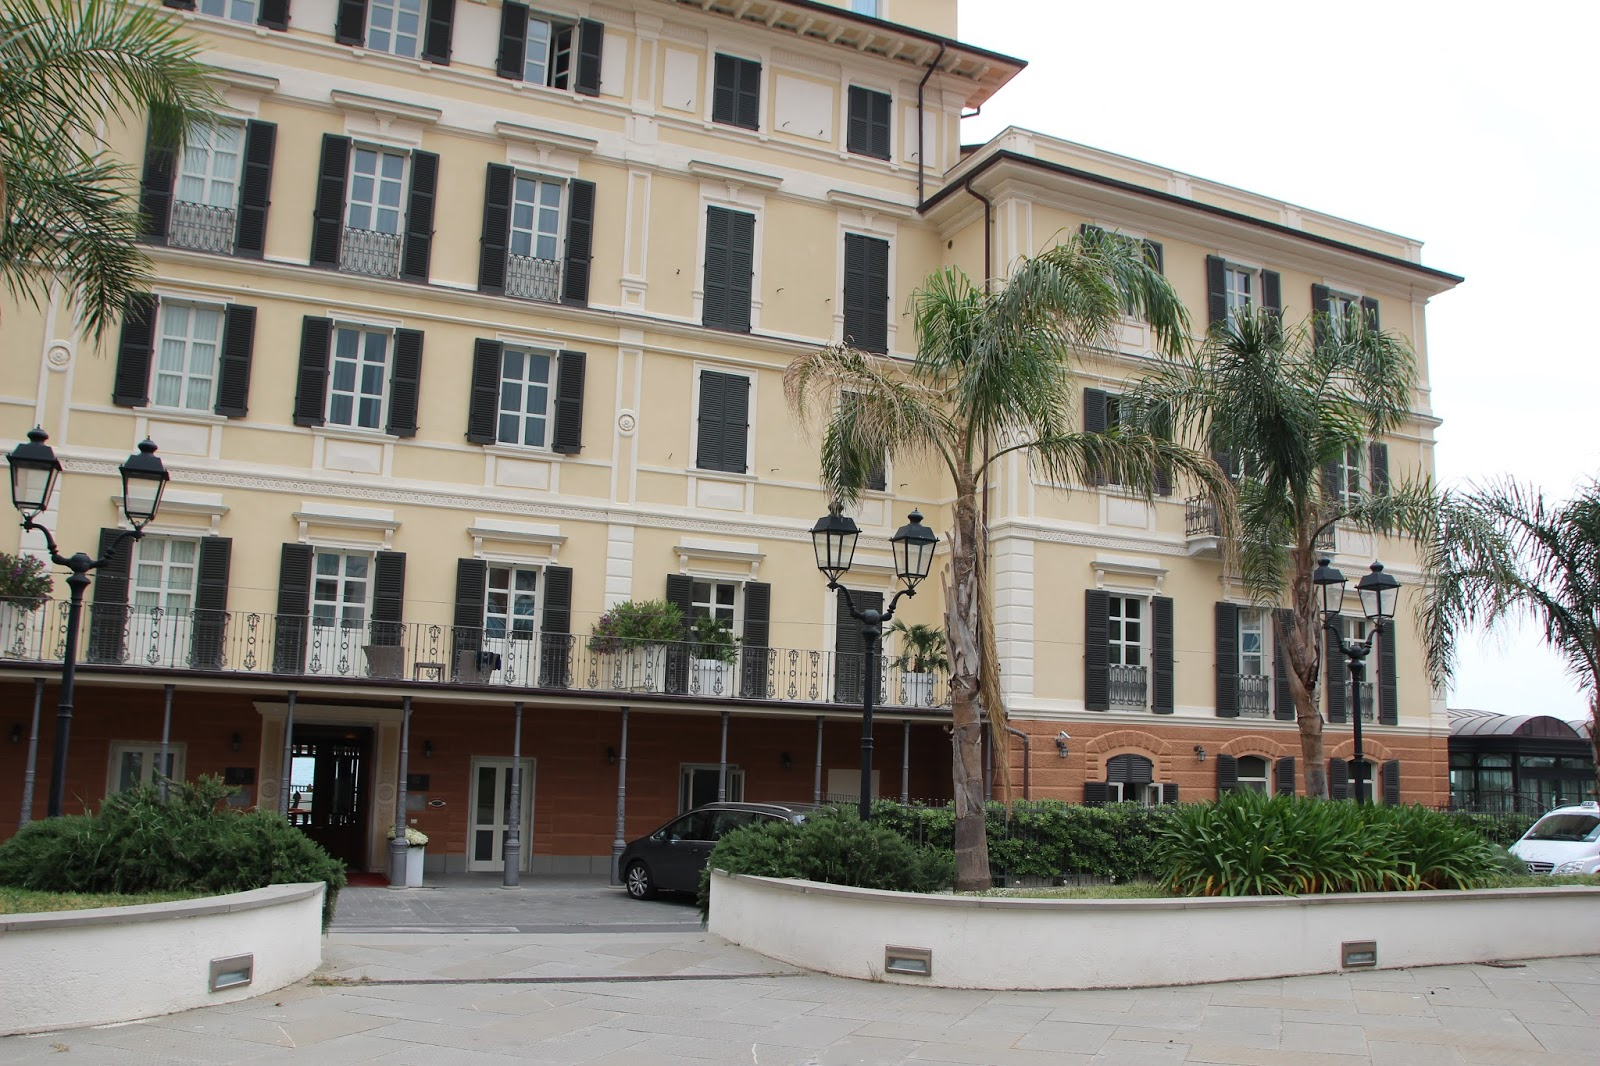 Blumenriviera italien ligurien for Hotel milano alassio